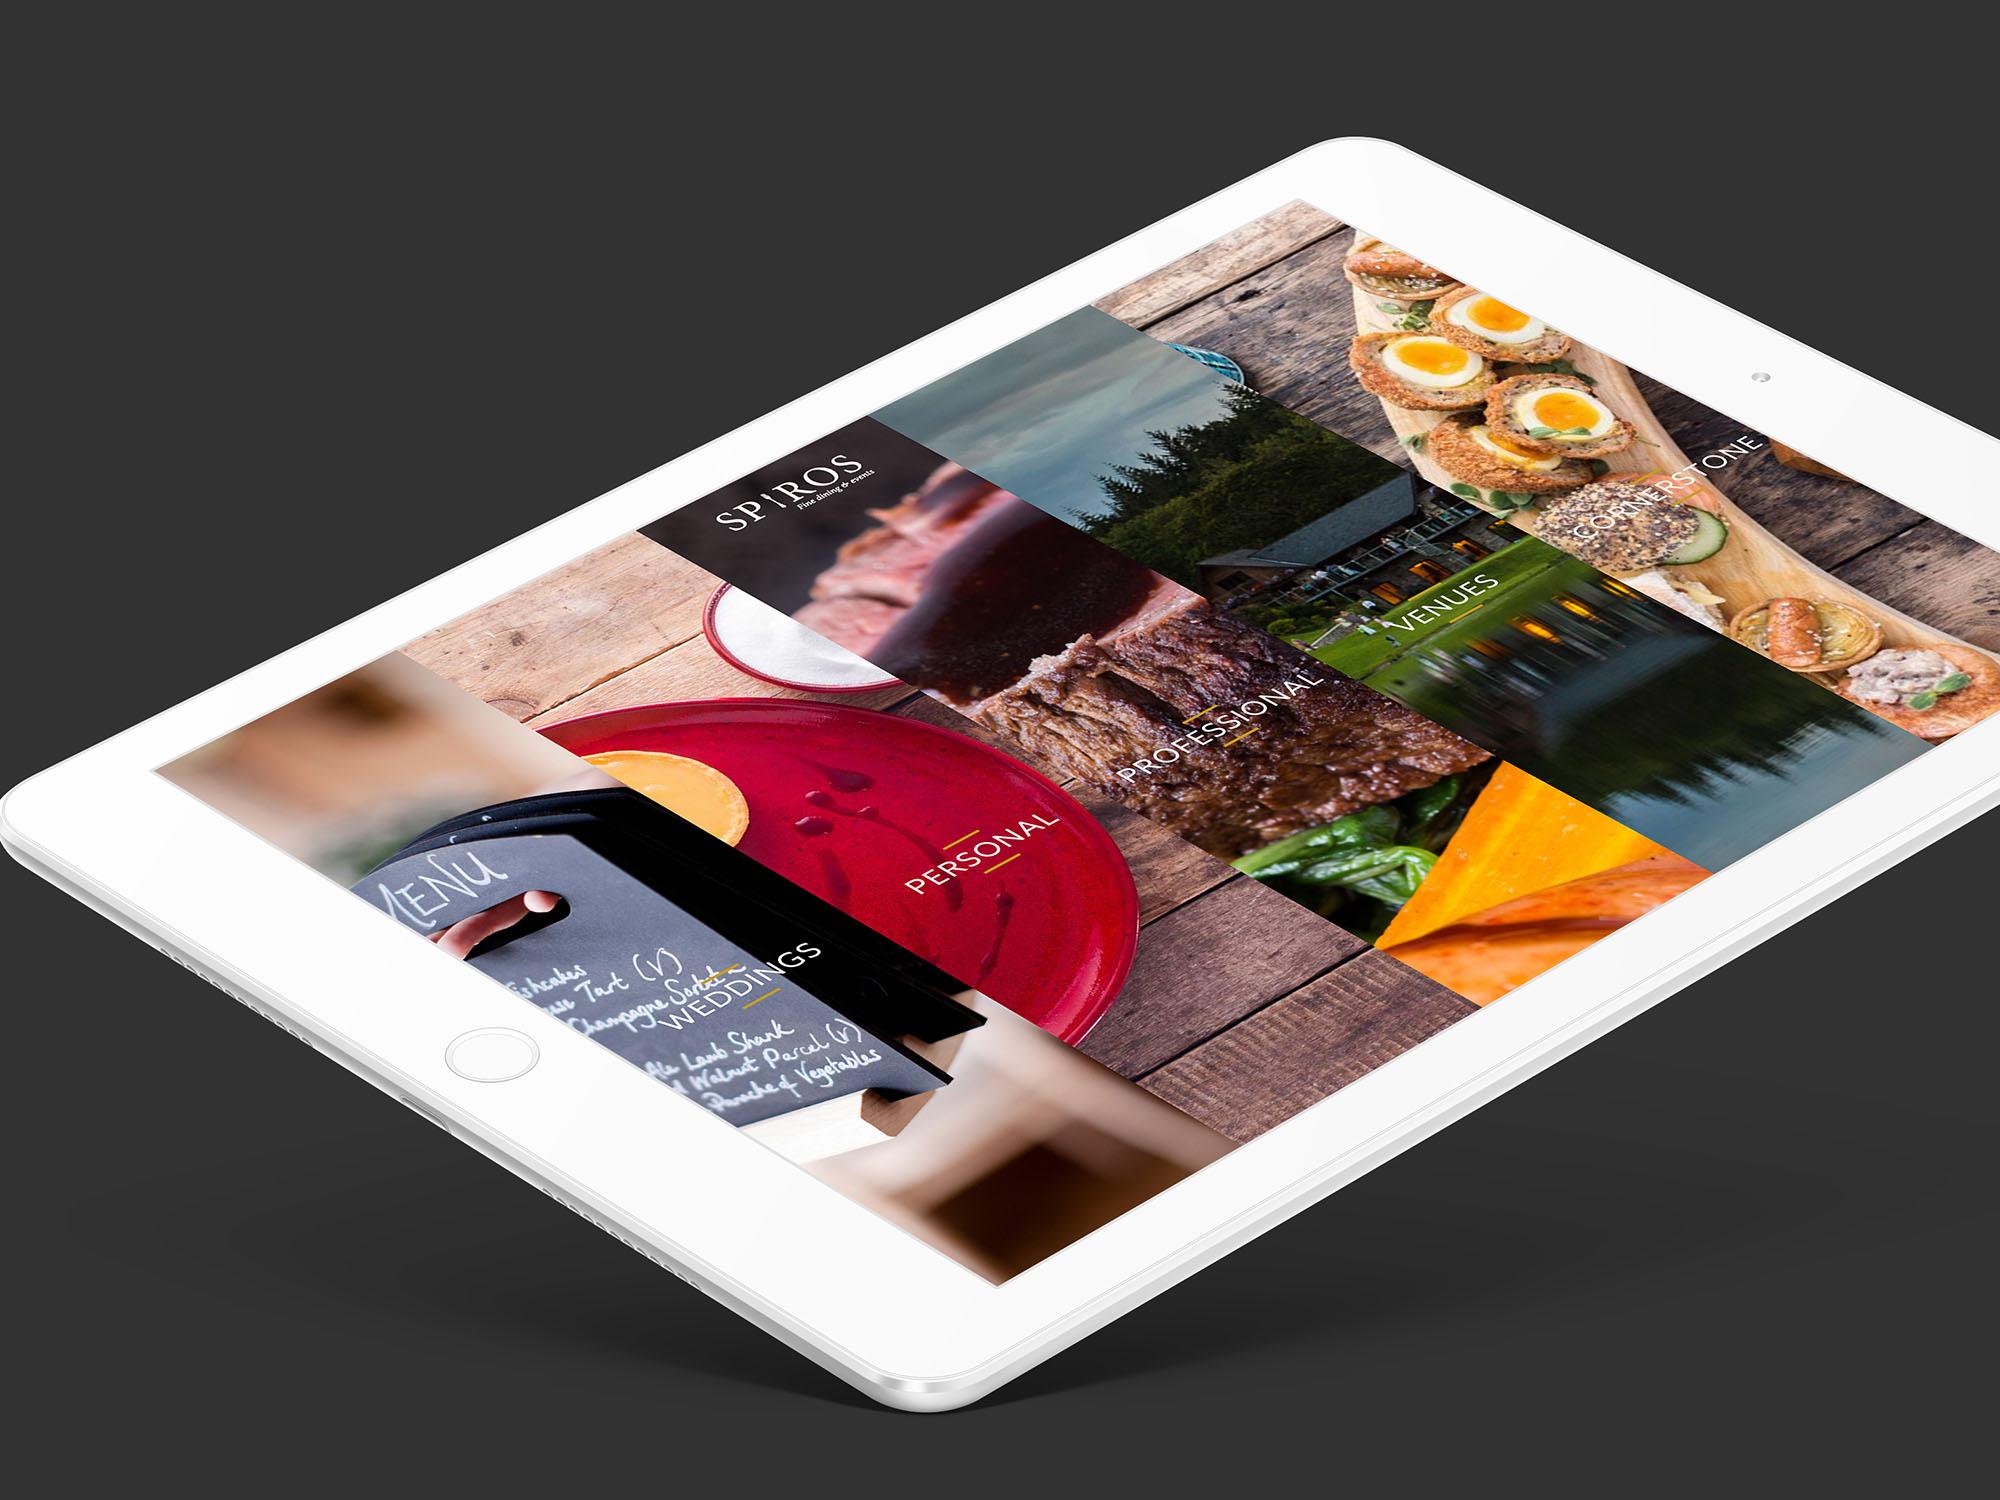 ipad-home-page_27385733987_o.jpg